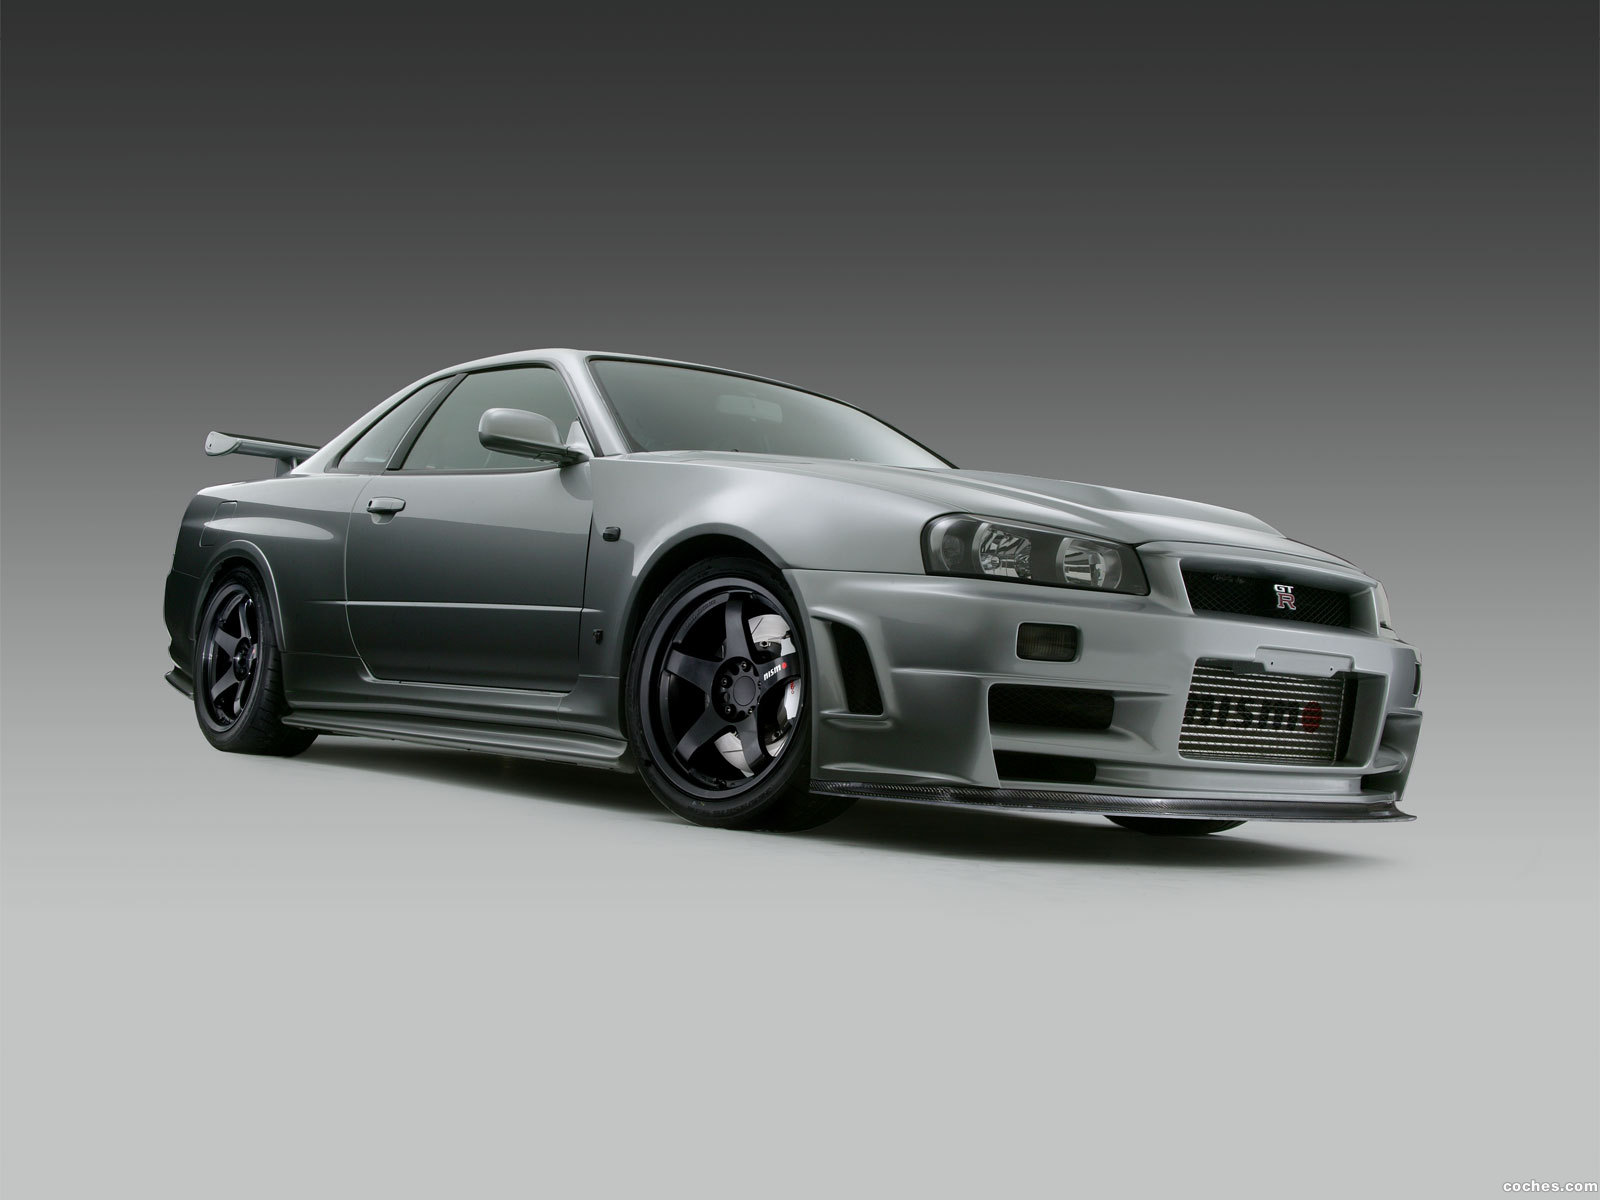 Foto 10 de Nissan Skyline GT-R NISMO Z-tune BNR3 2005